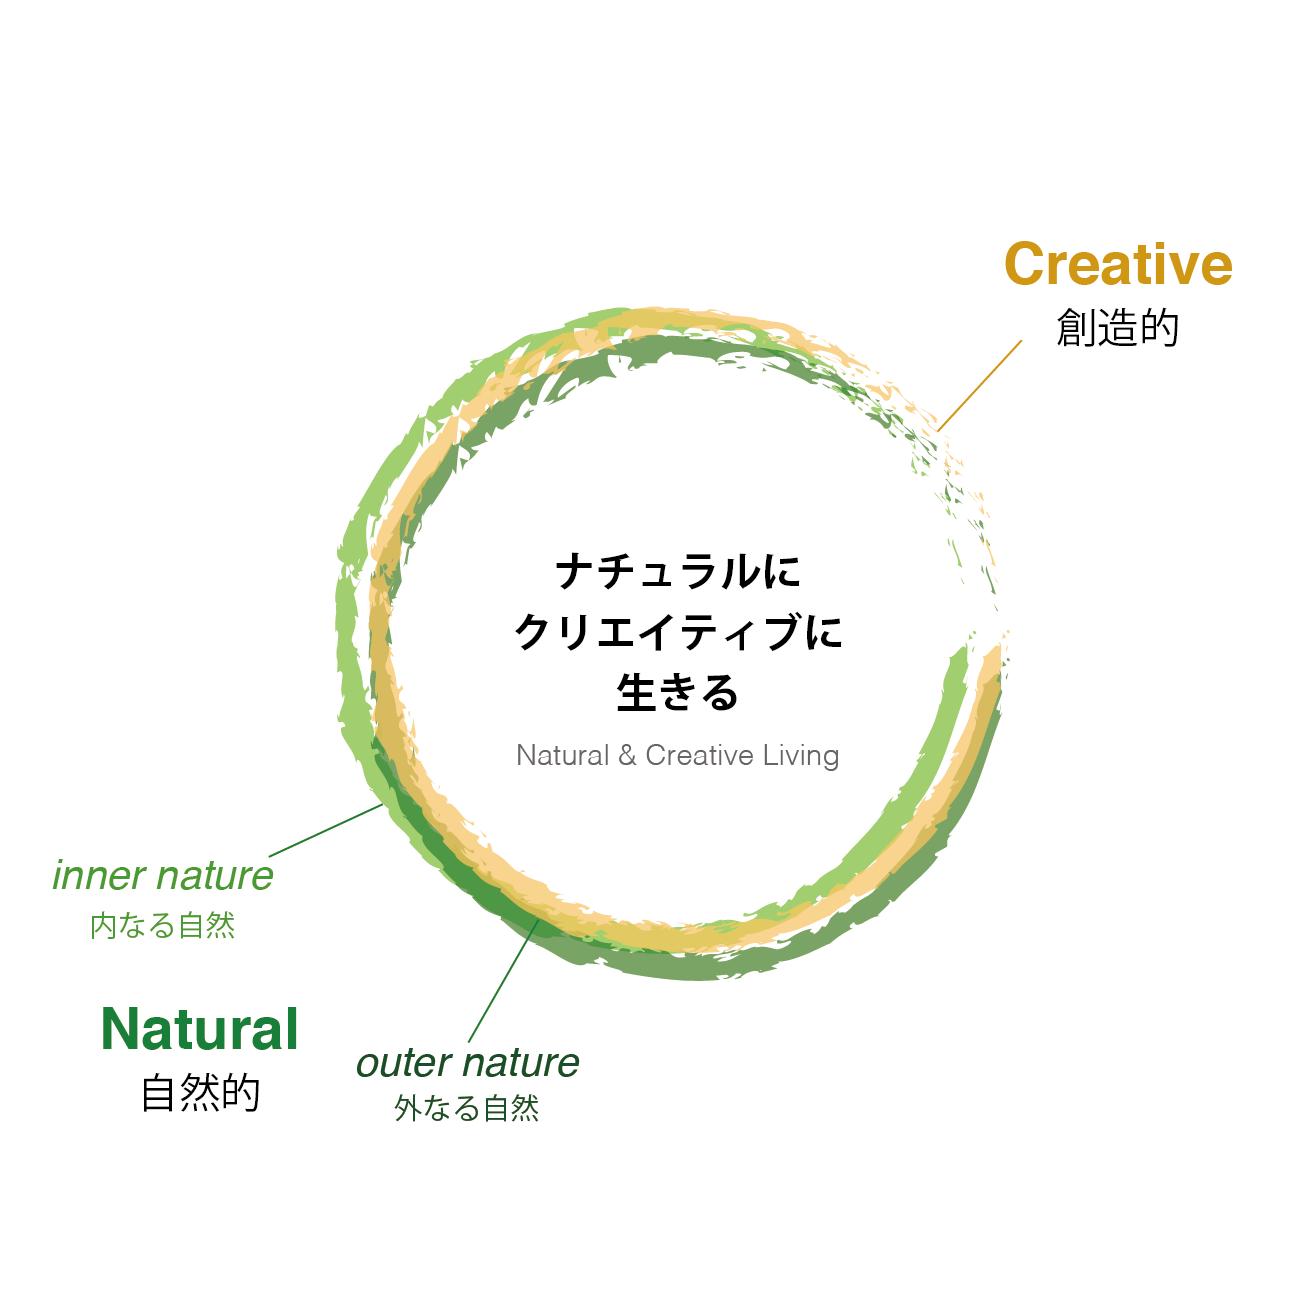 CreativeNatural2.png